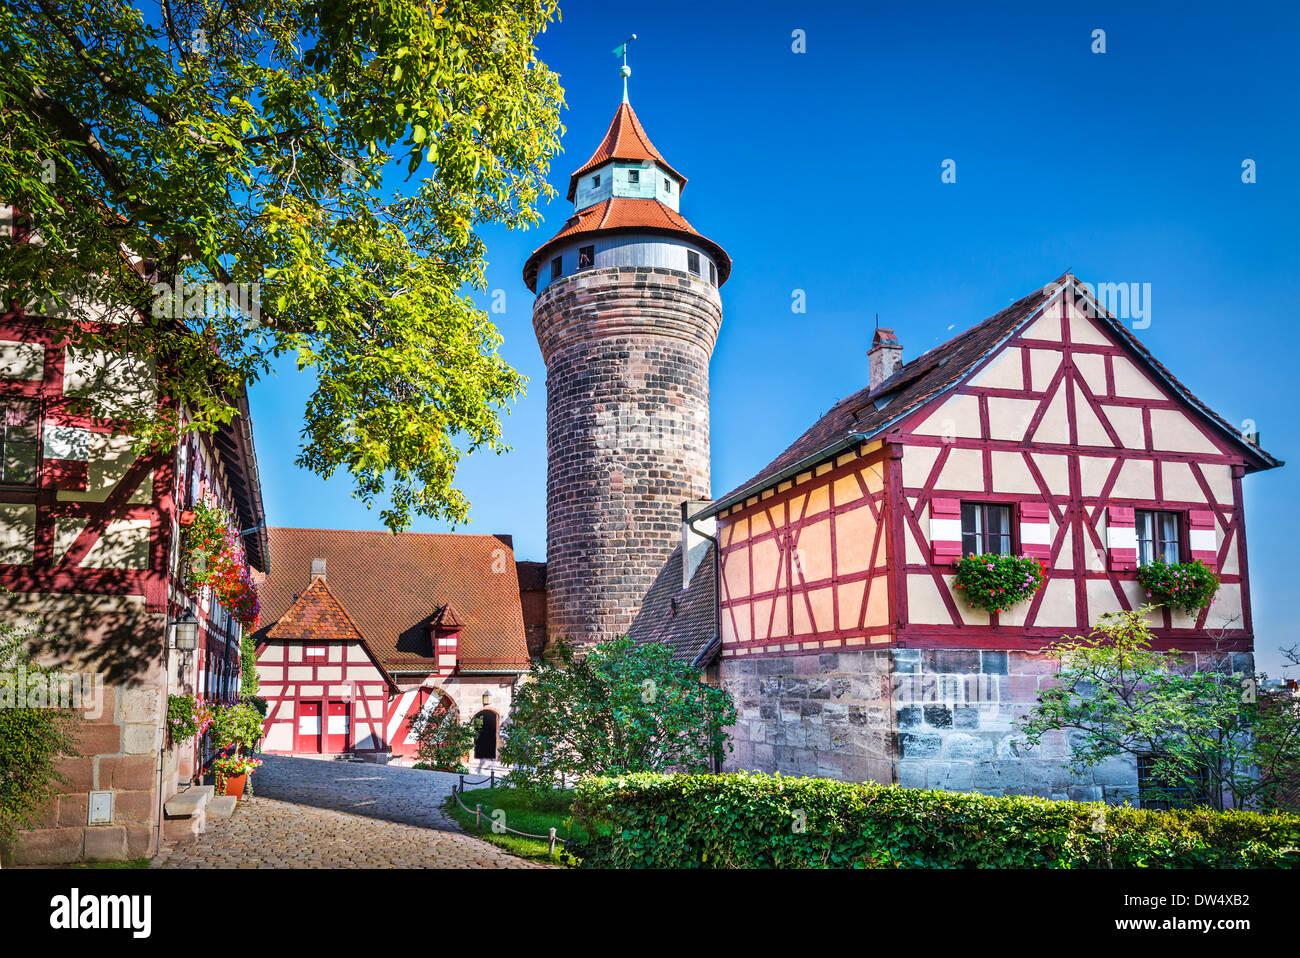 Château de Nuremberg à Nuremberg, Allemagne. Photo Stock